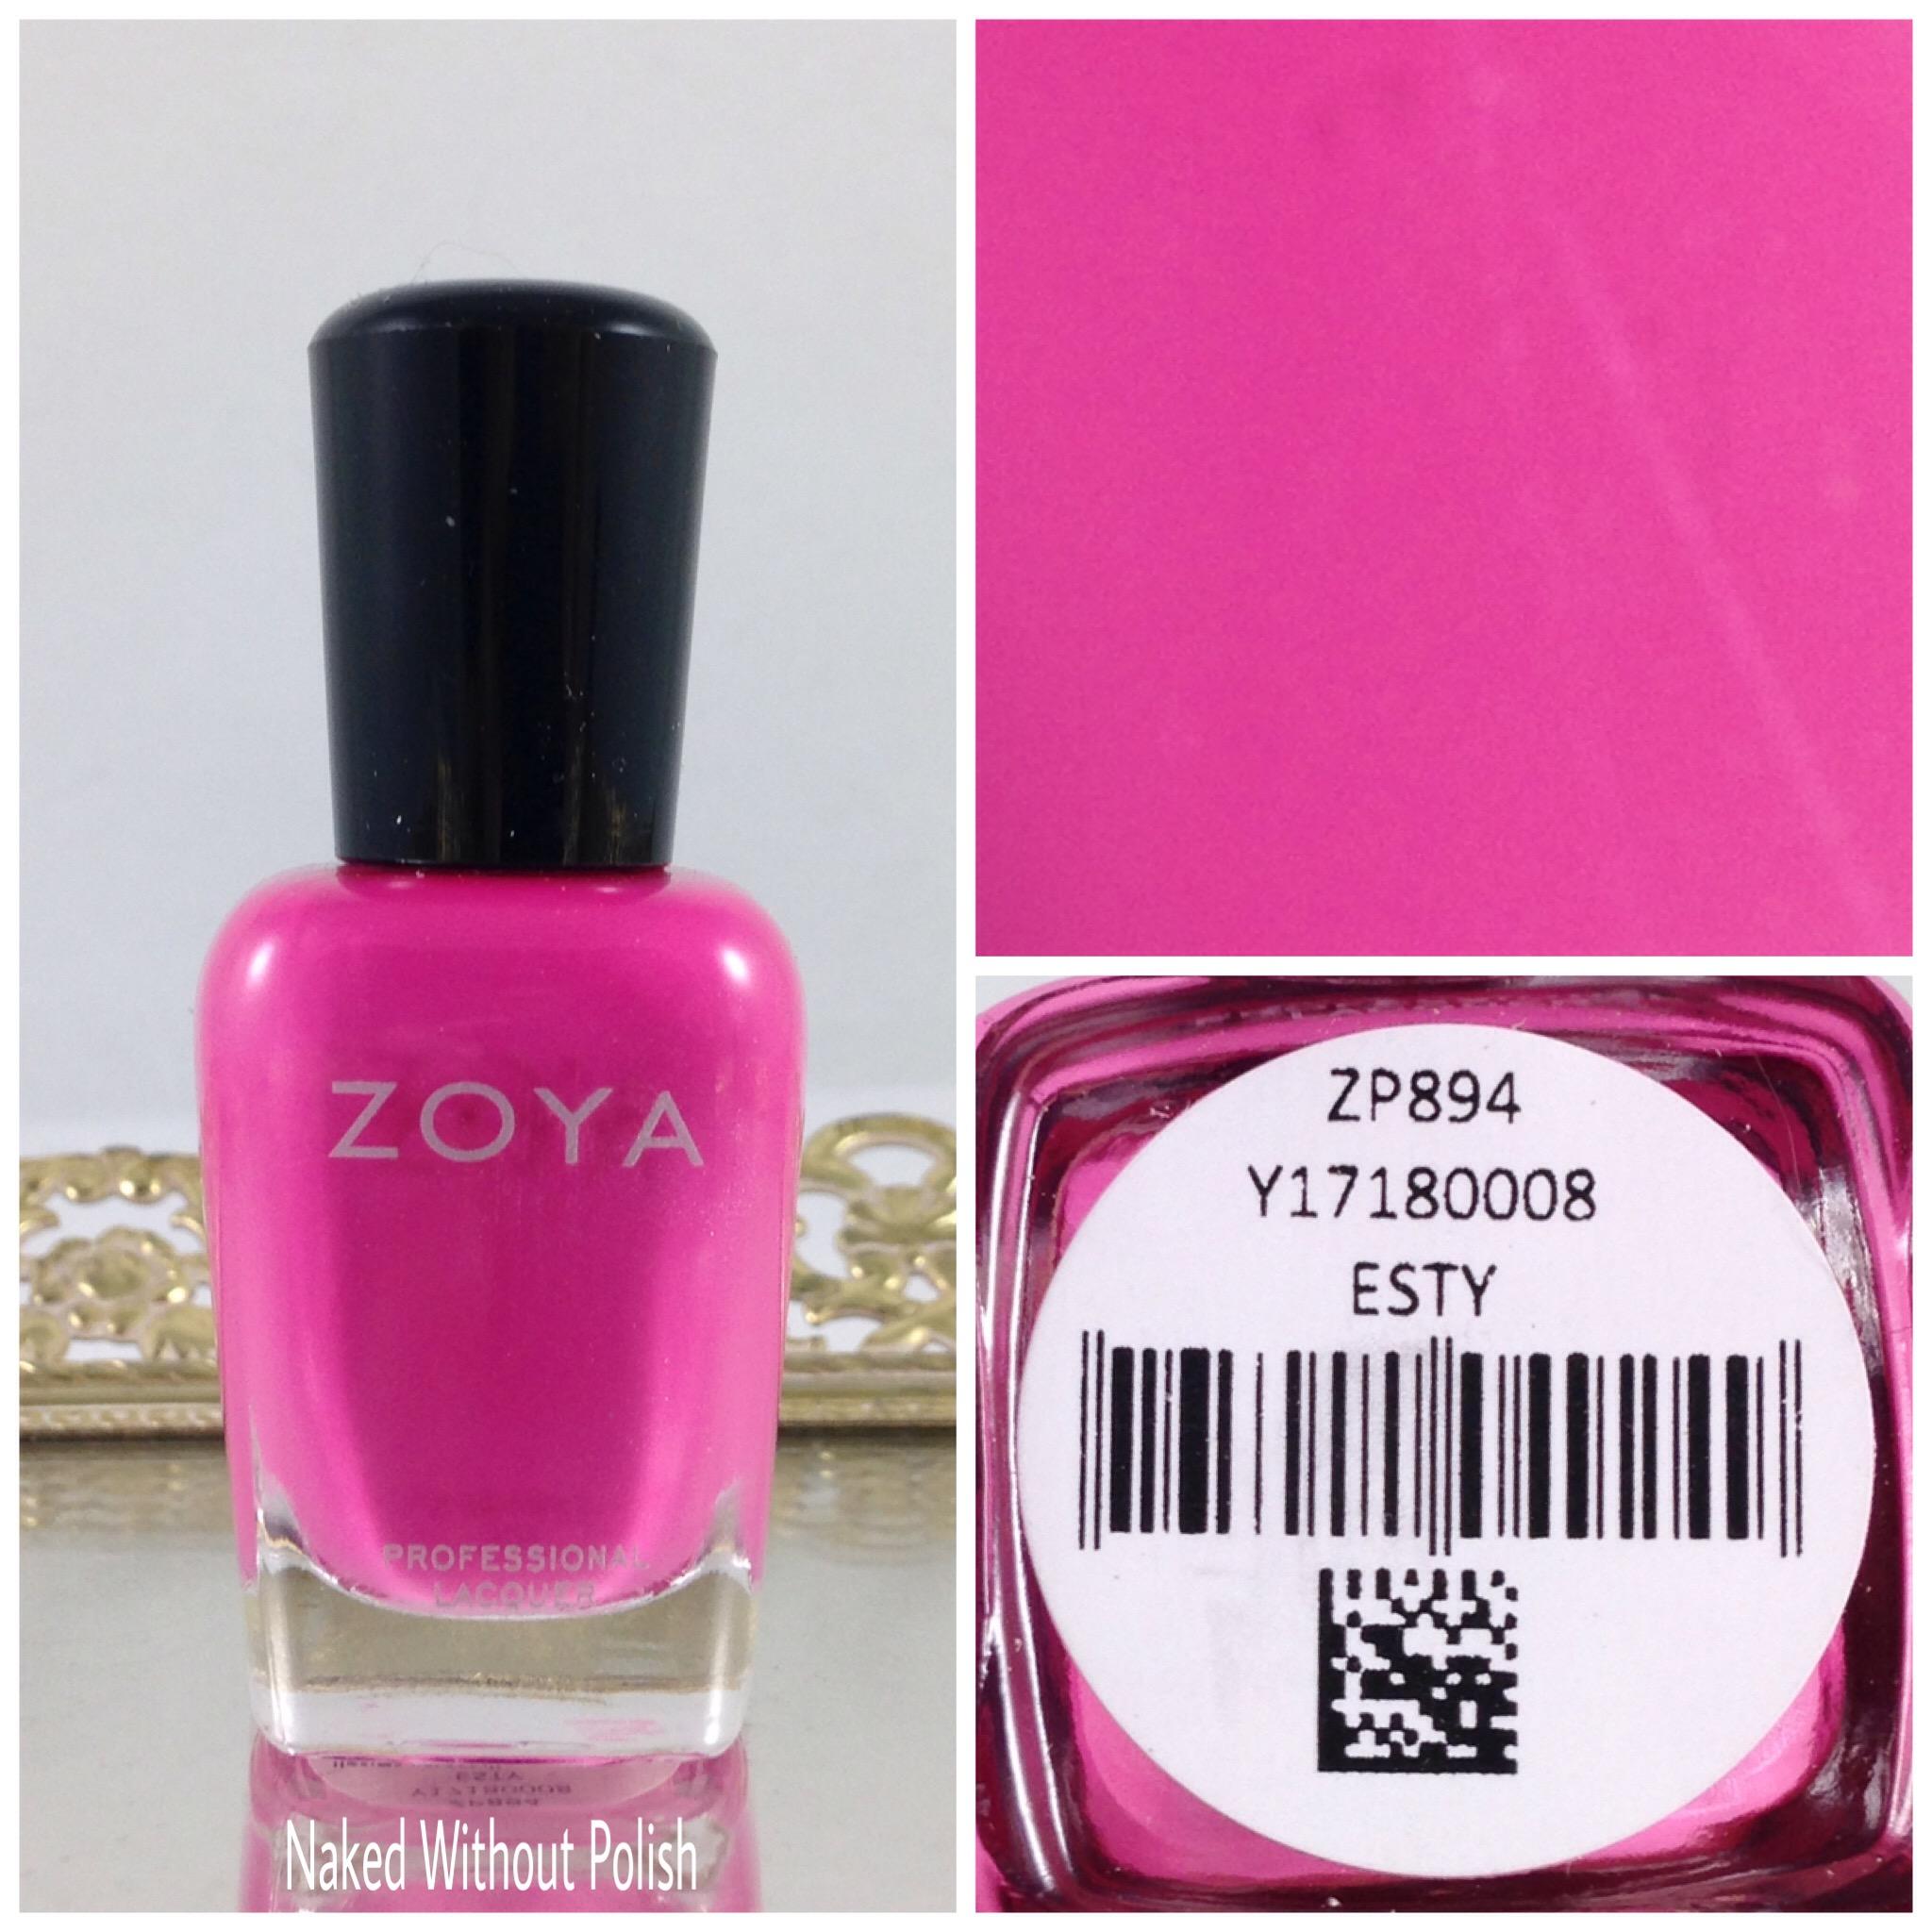 Zoya-Esty-1